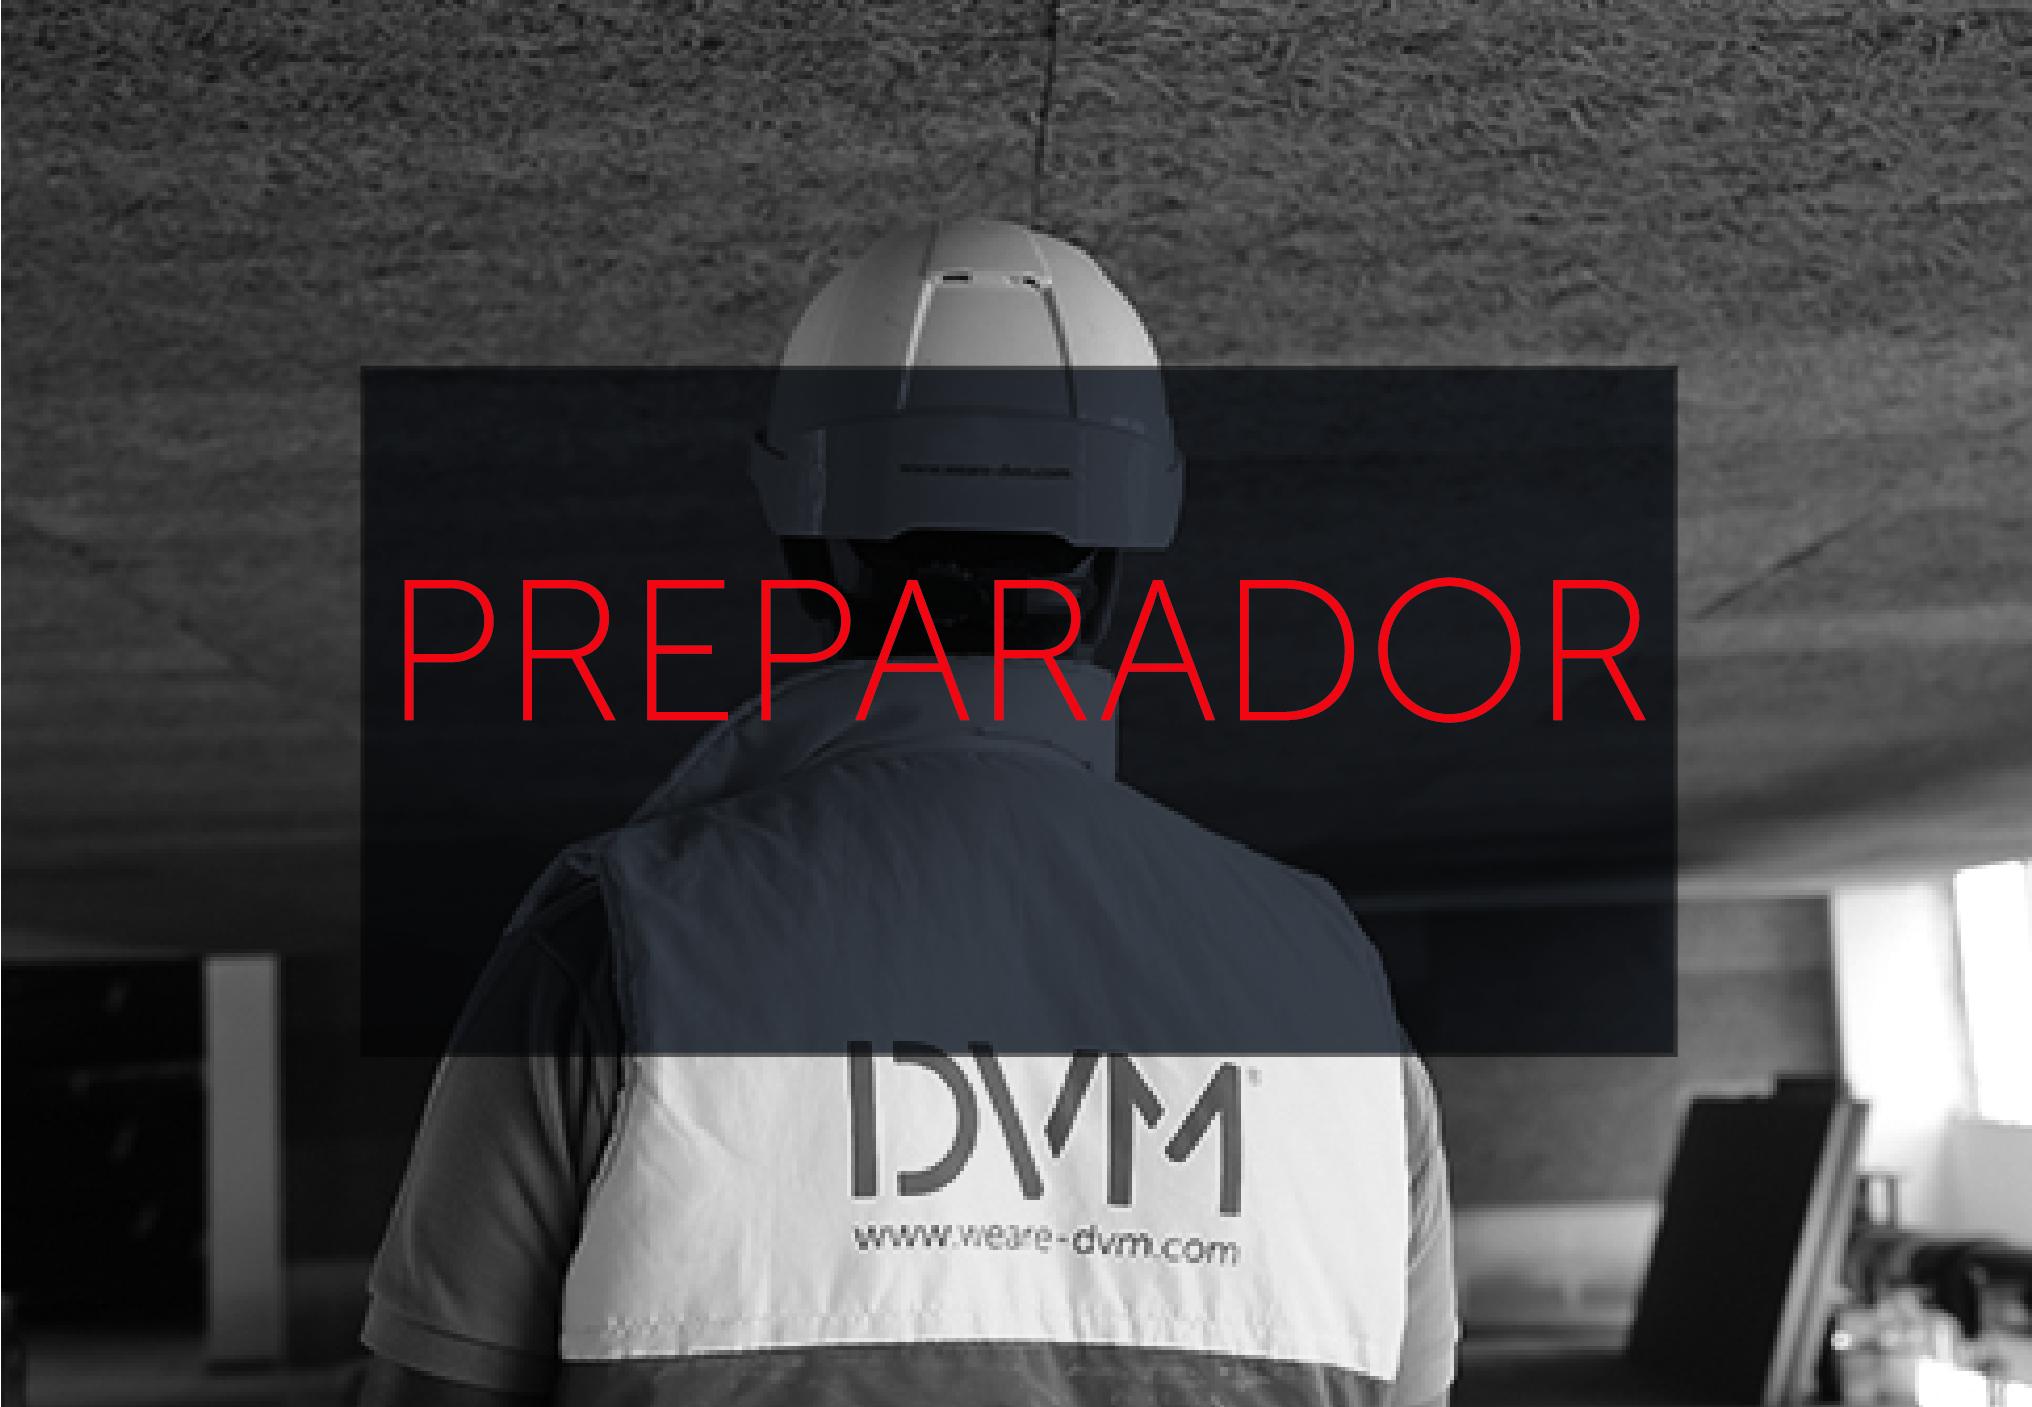 PREPARADOR